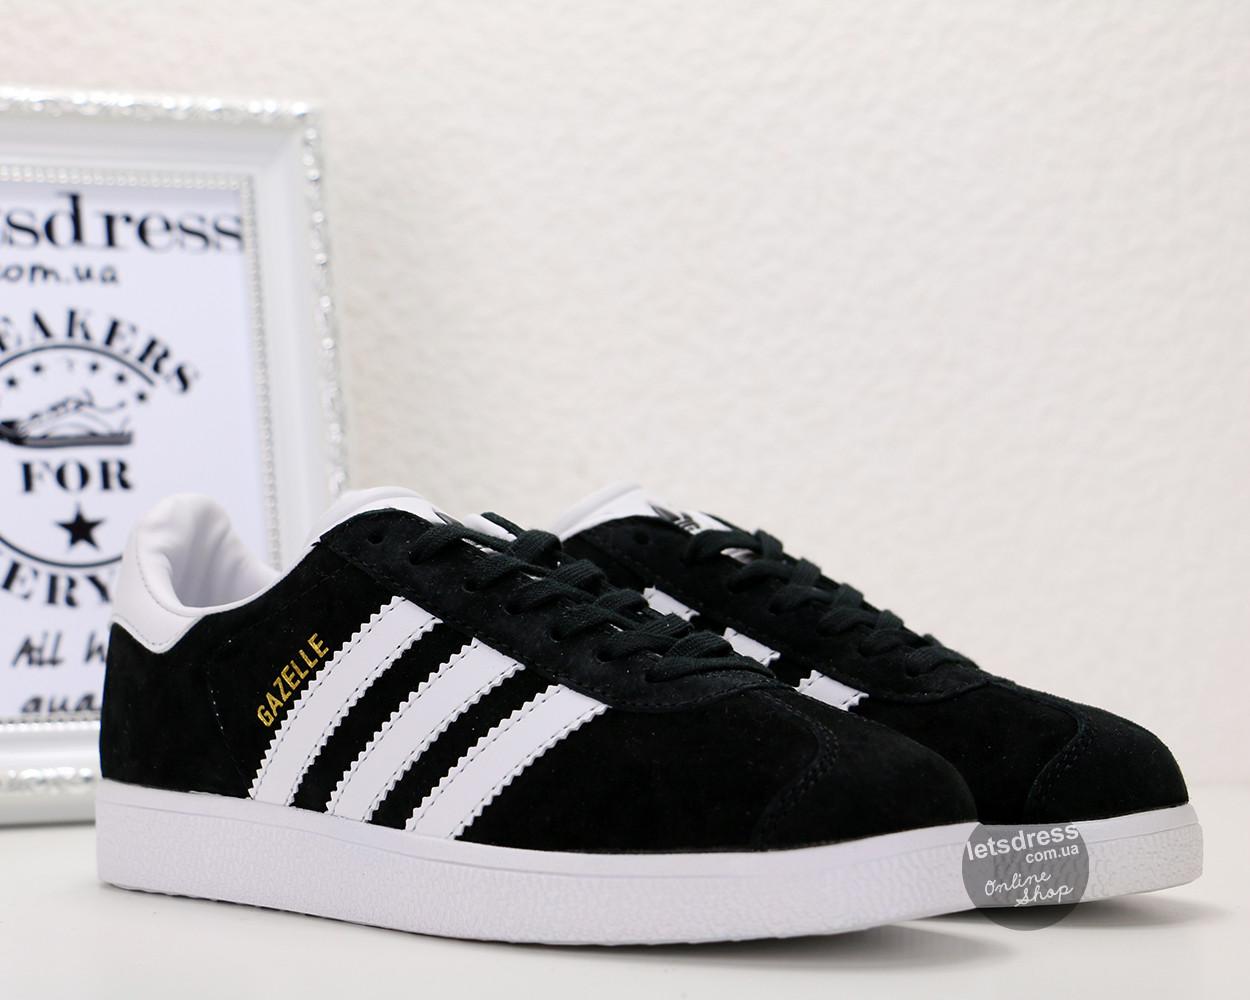 Кроссовки-кеды мужские Adidas Gazelle Black оригинал   Адидас Газель мужские черные